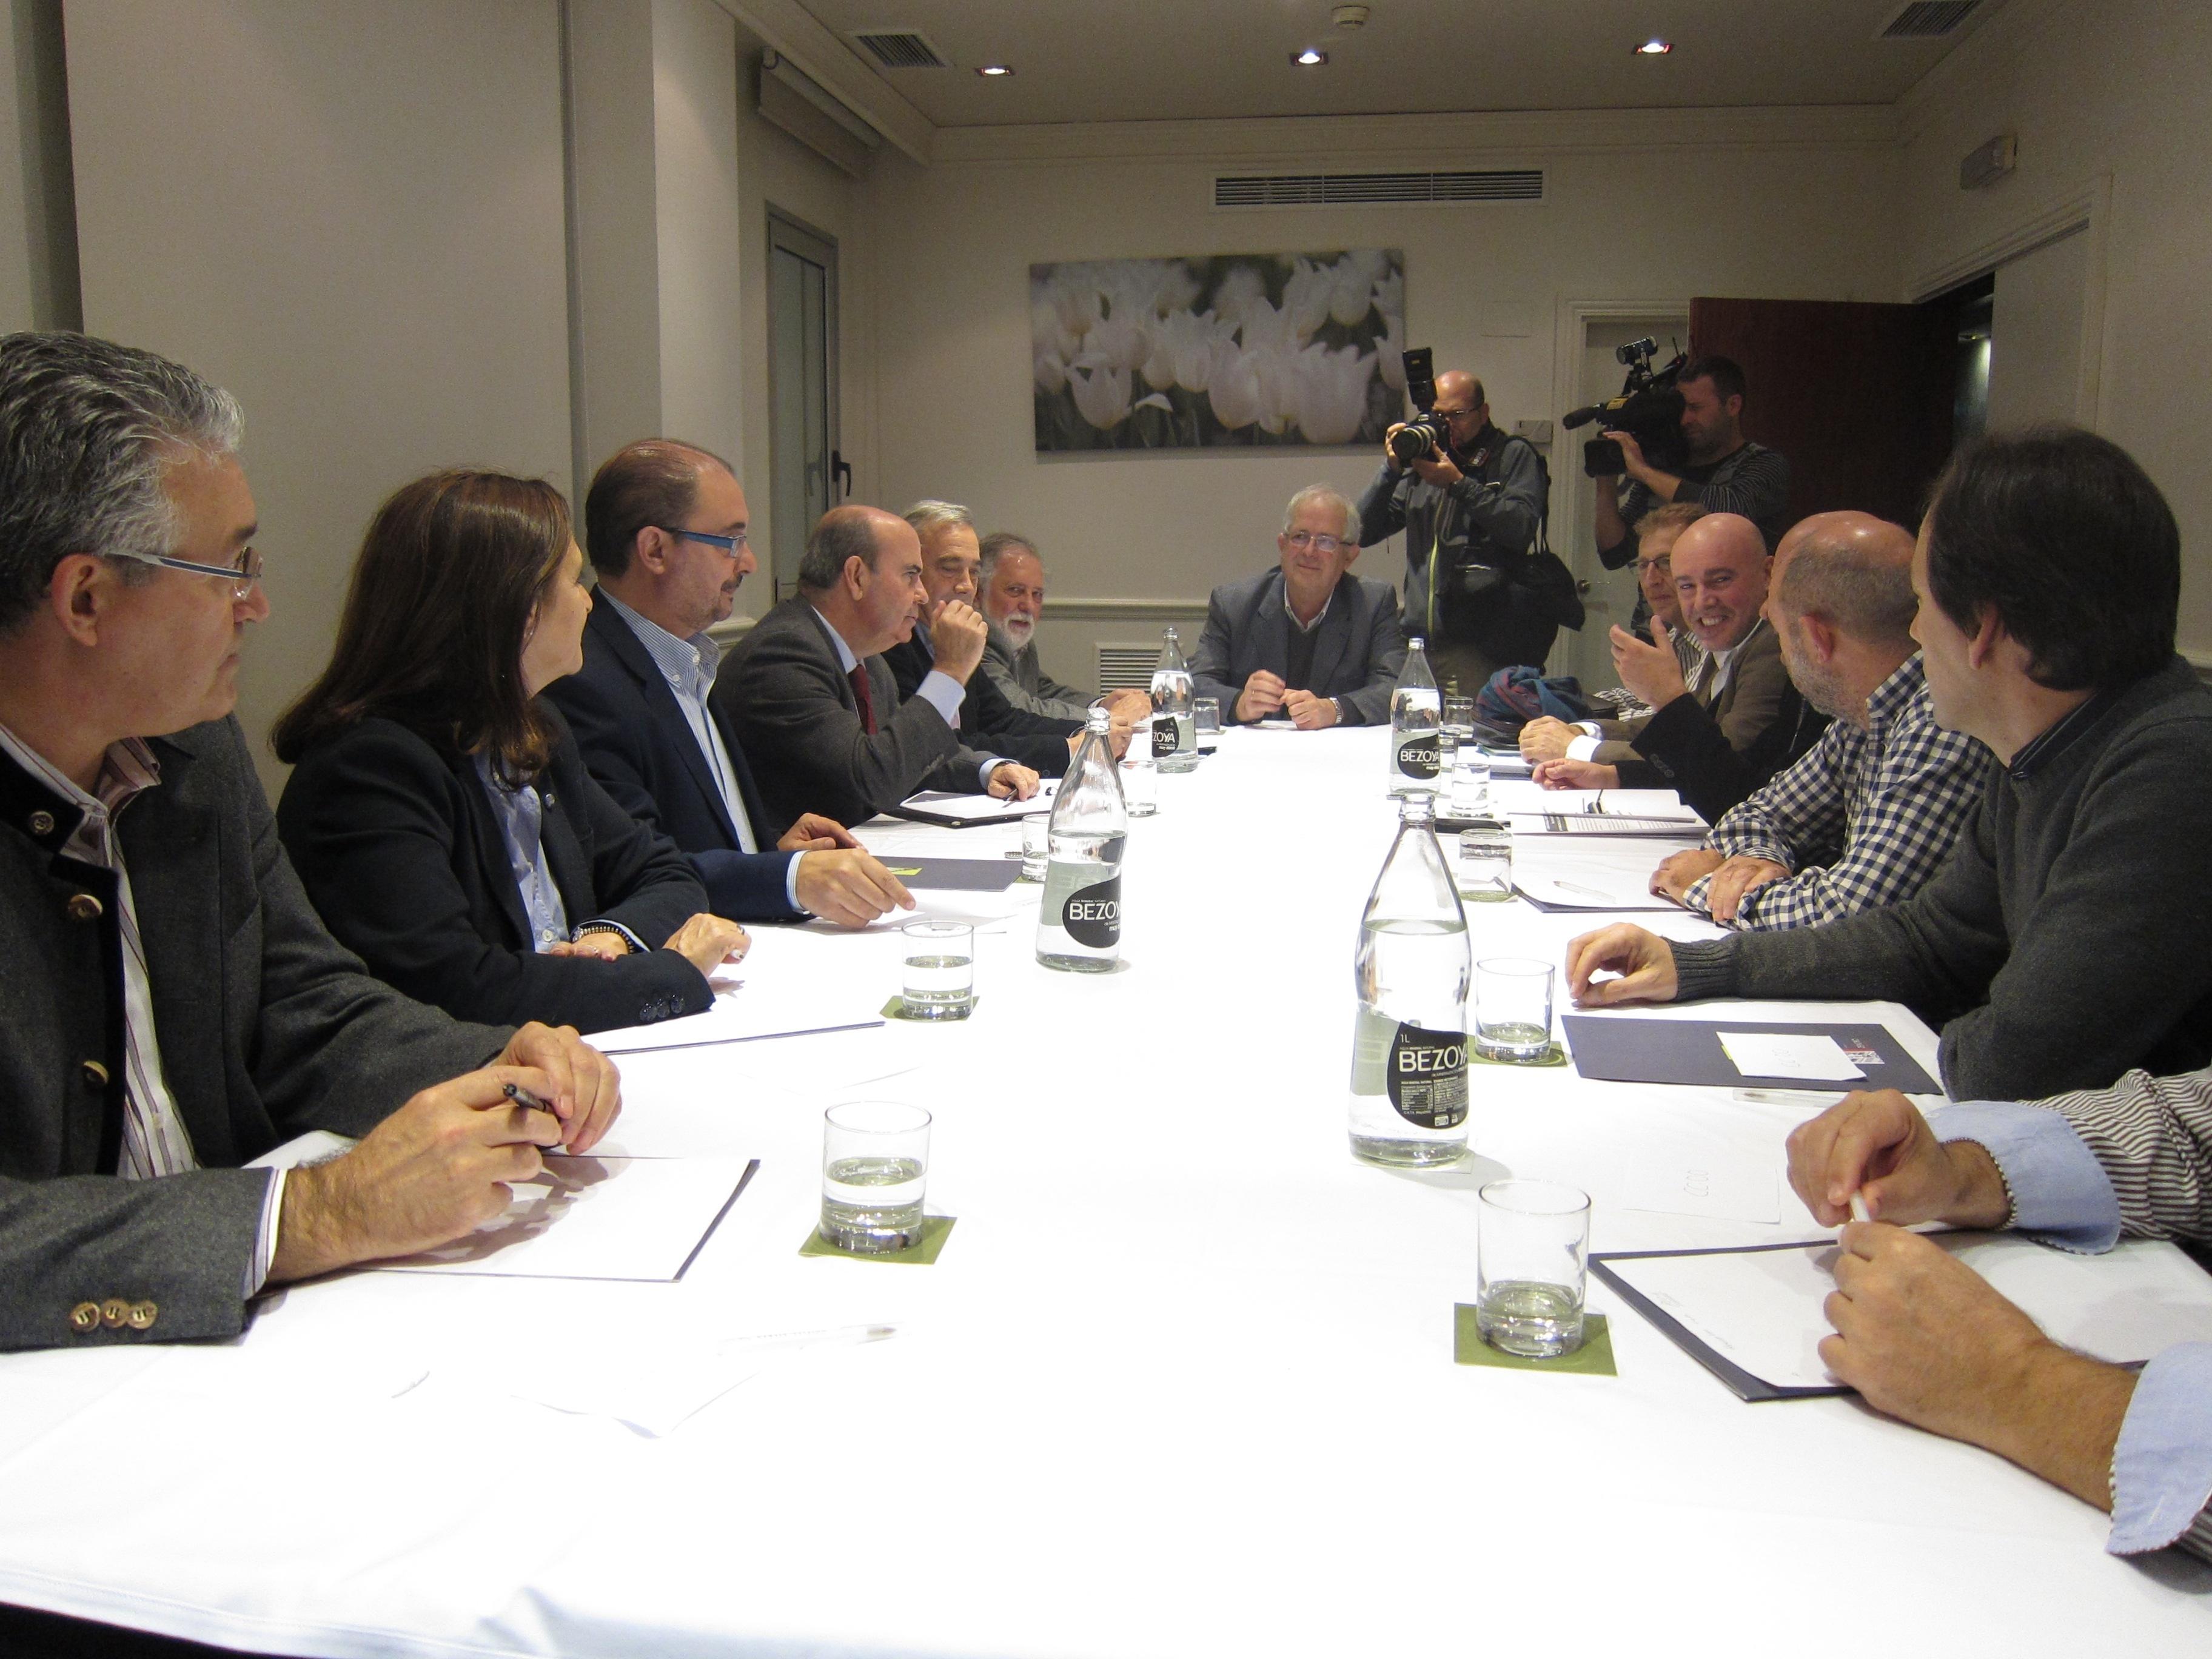 El PSOE luchará contra la reforma local para evitar «la tropelía» de convertir los ayuntamientos «en meros cascarones»